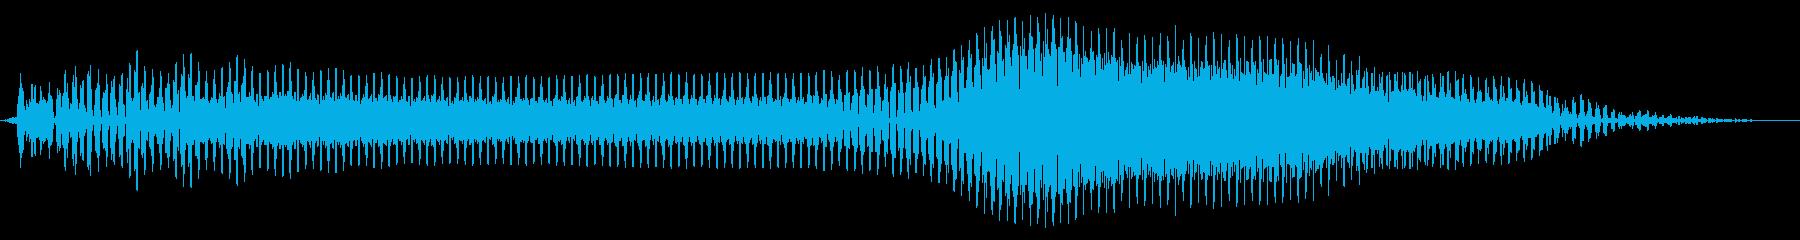 ワッ ワウ コミカル トランペットの再生済みの波形